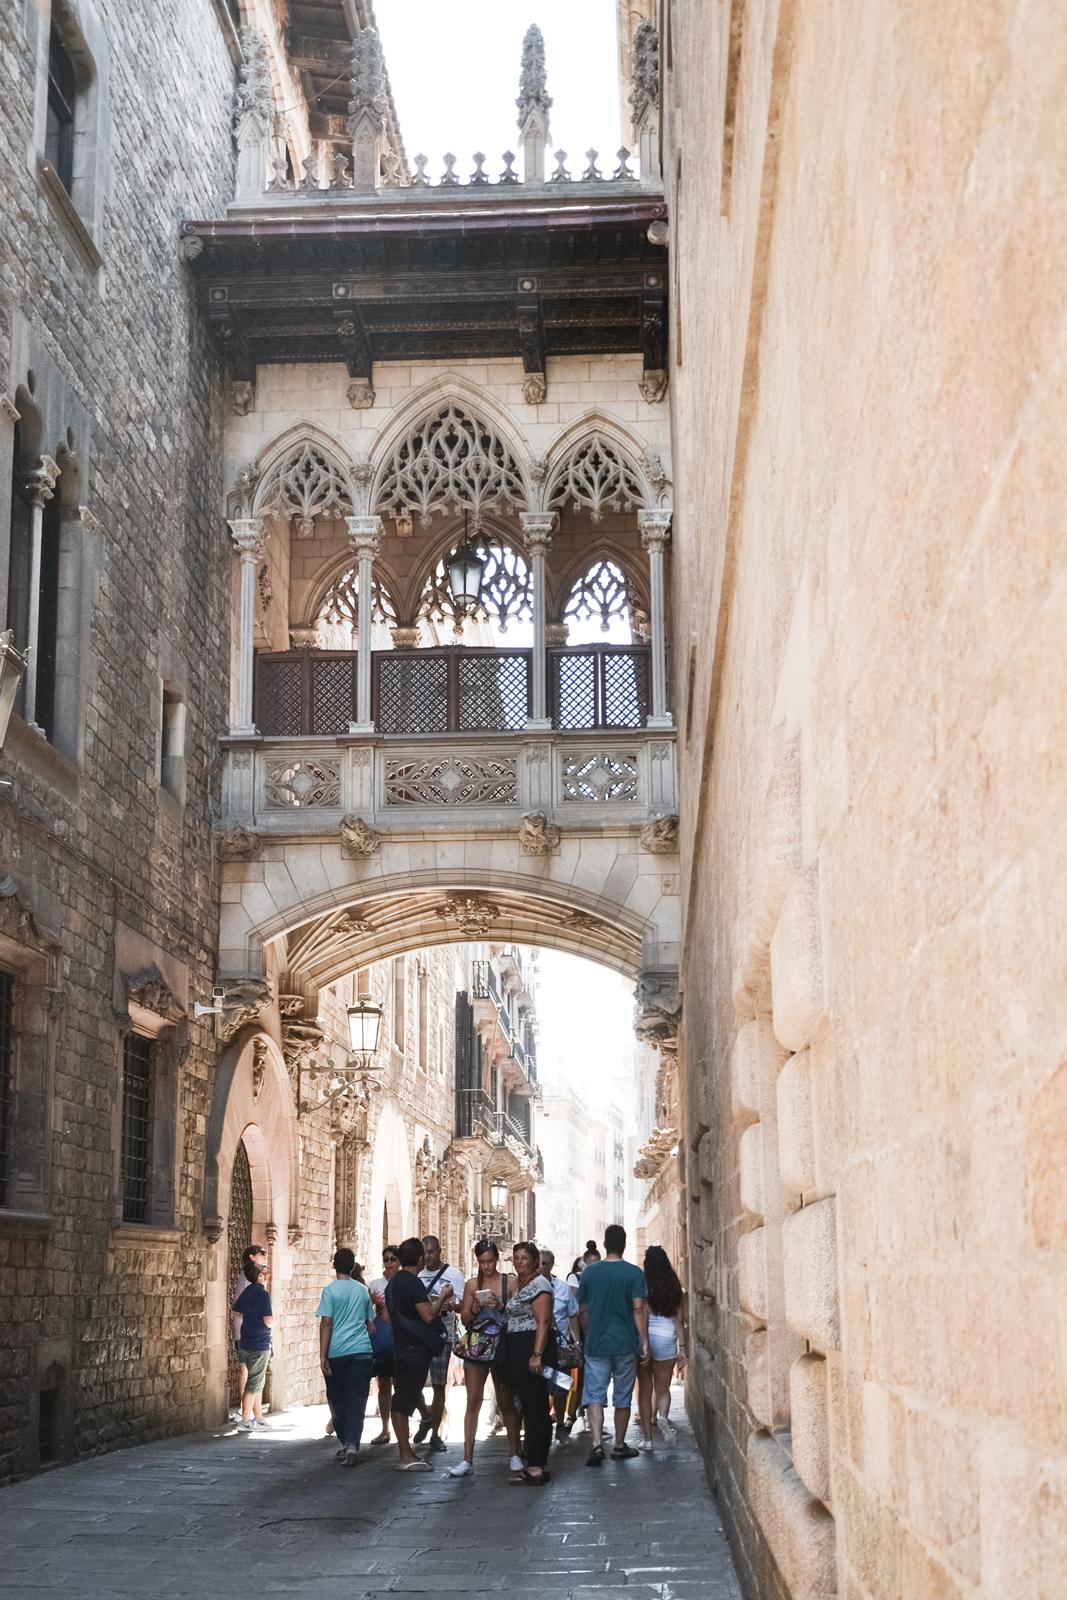 Carrer Del Bisbe Barcelona Barri Gotic By Epepa